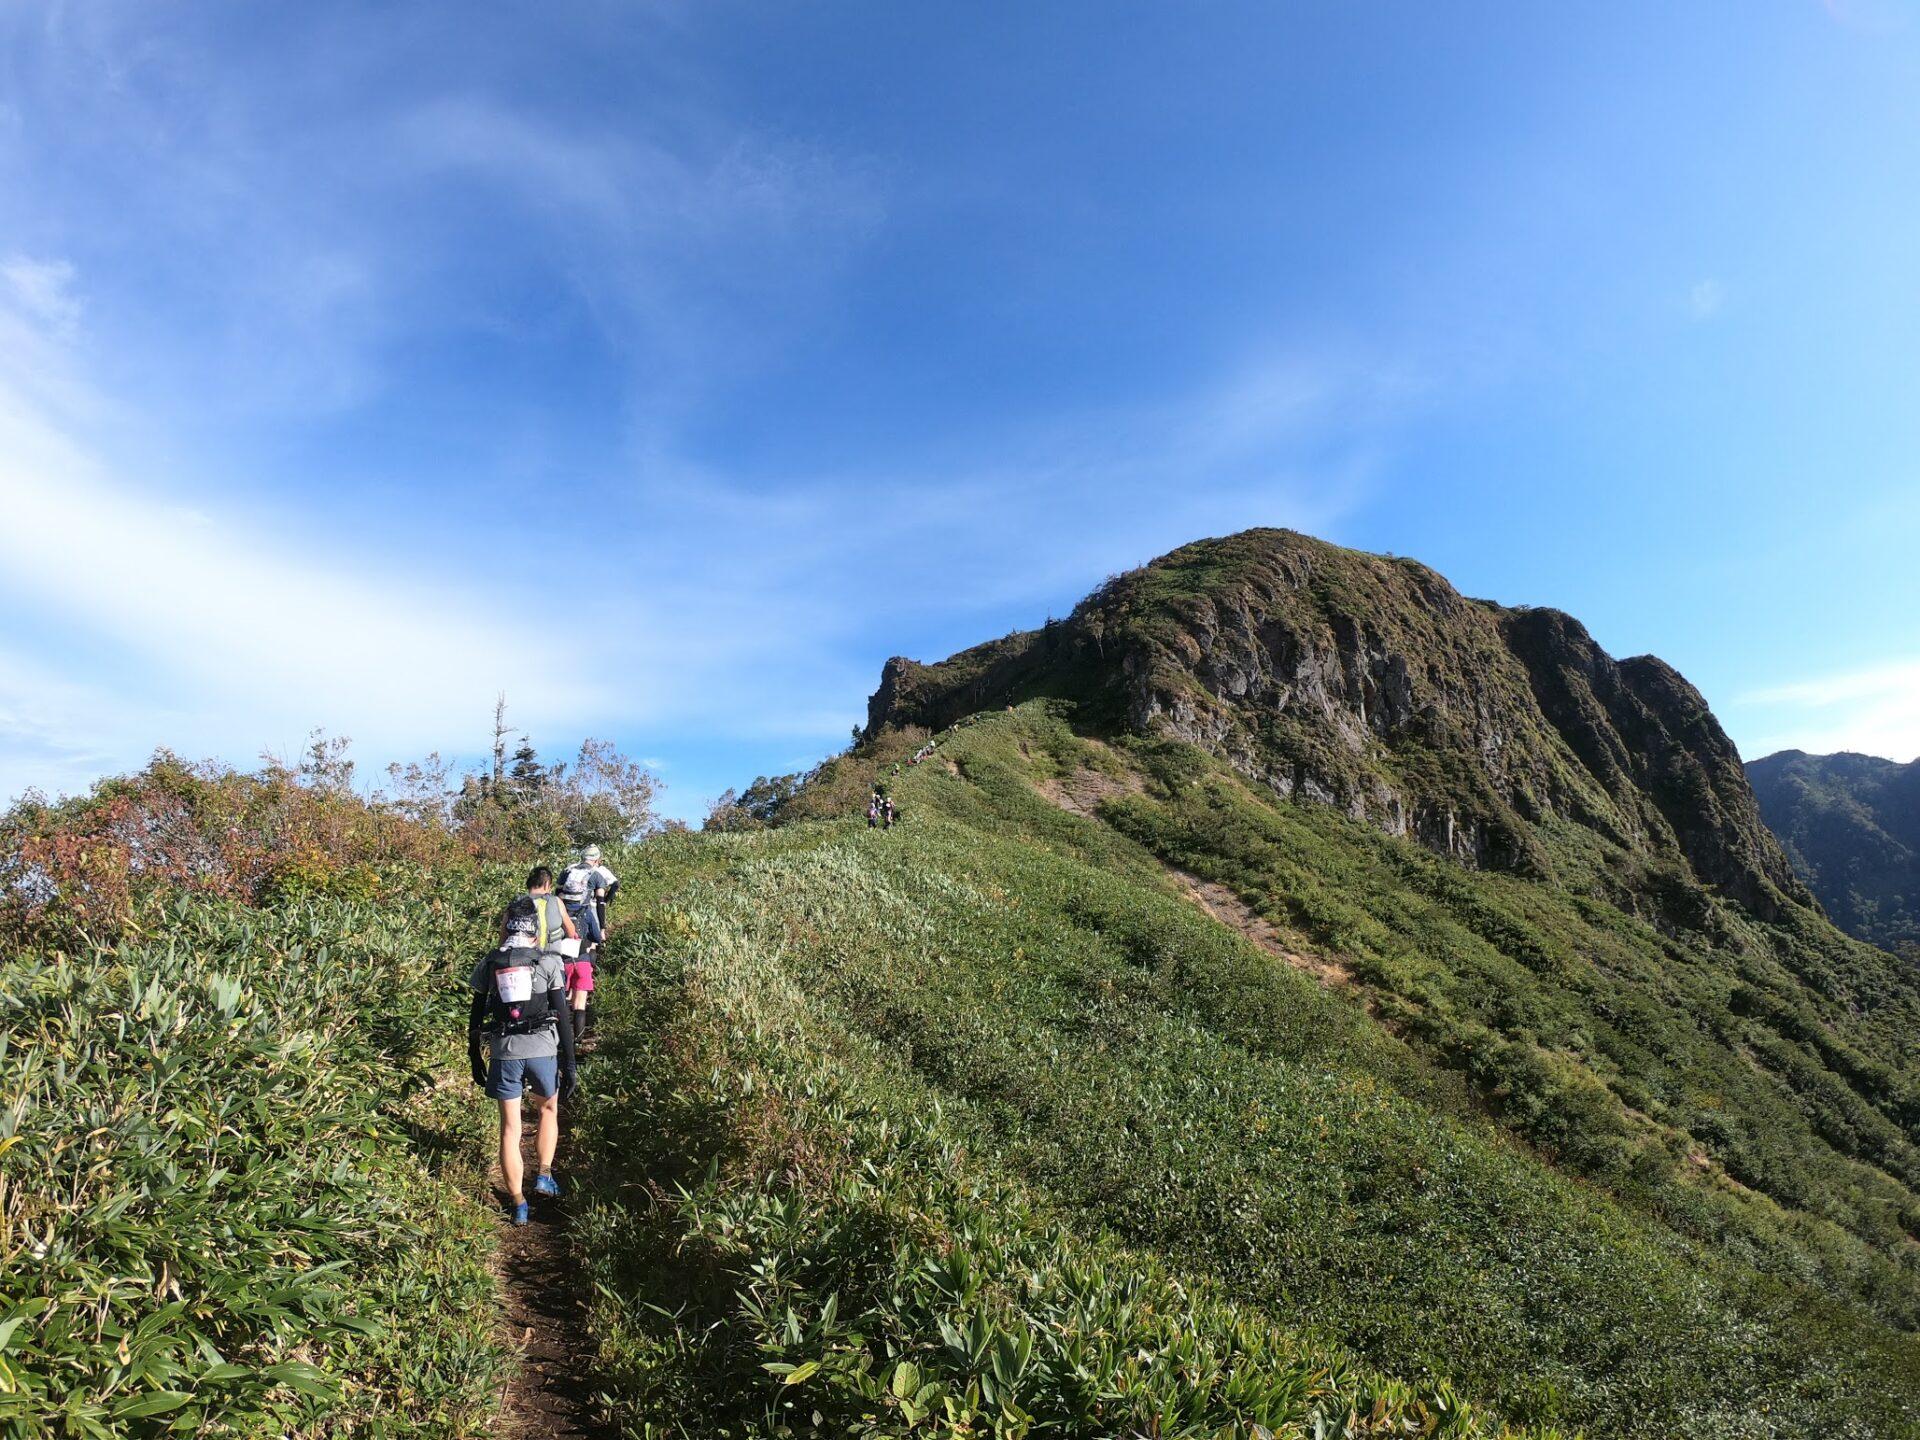 上州武尊山スカイビュートレイル 剣ヶ峰までもう少し